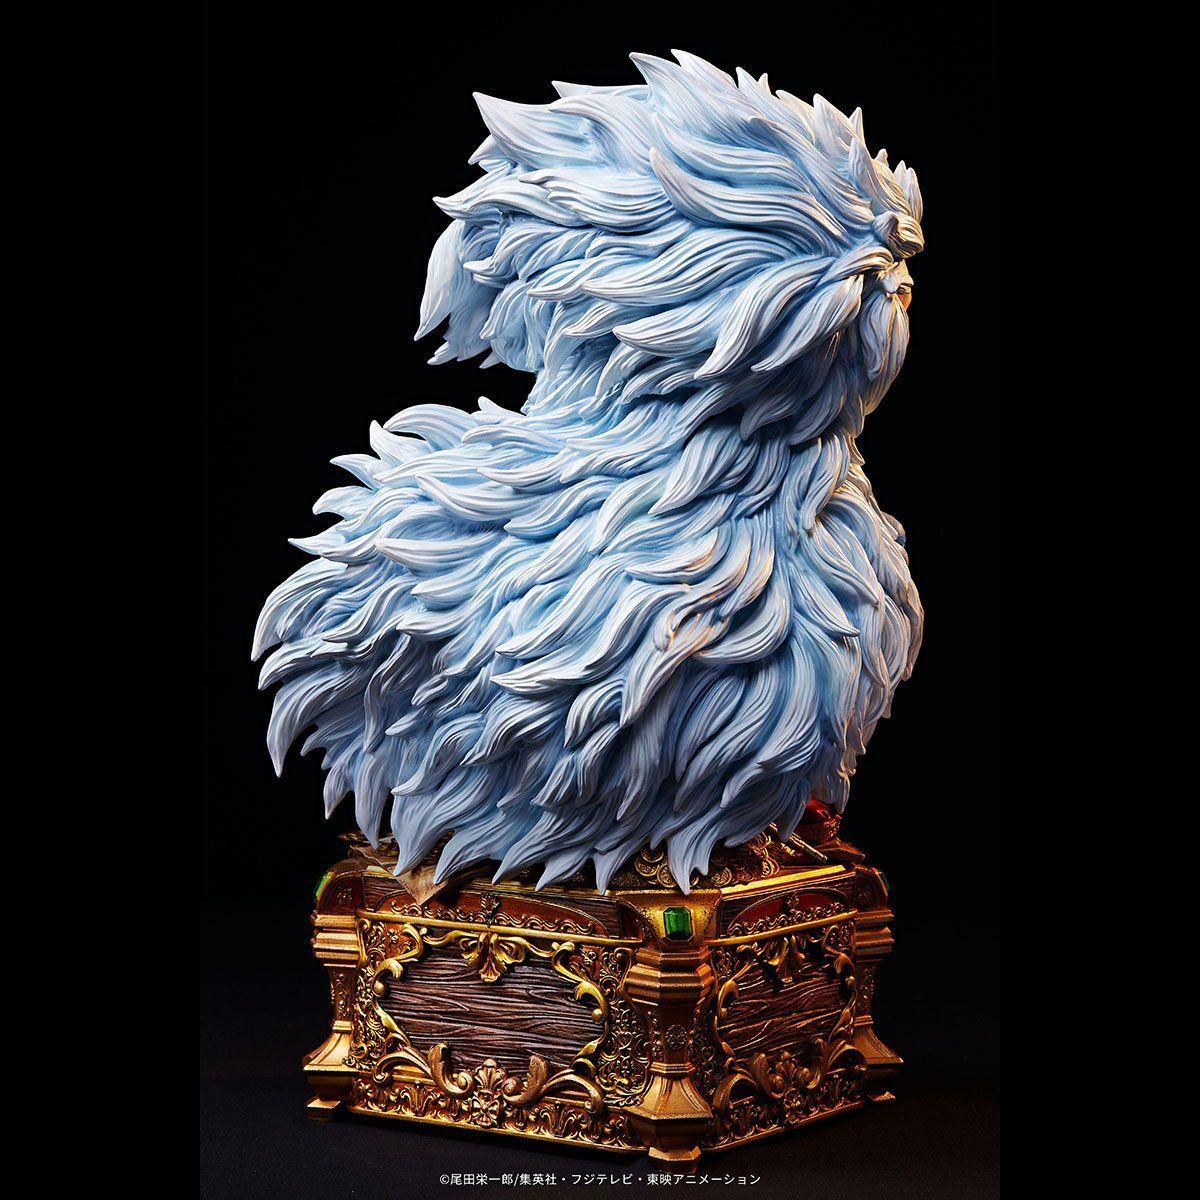 【限定販売】ワンピース ログコレクション 大型スタチューシリーズ『ナミ』完成品フィギュア-005